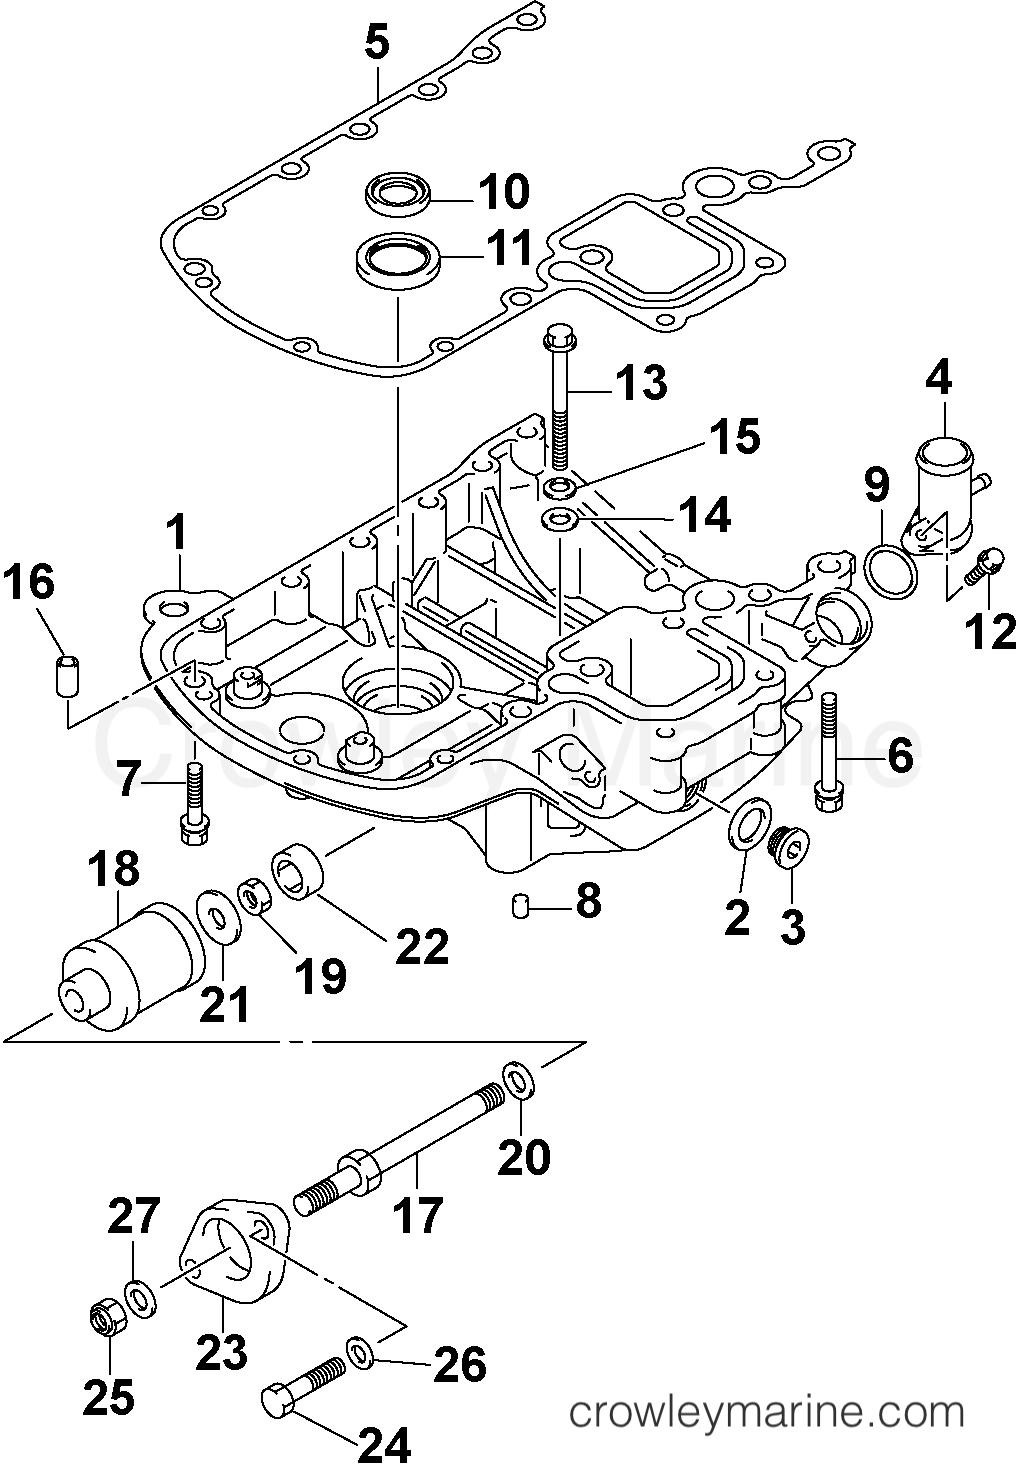 exhaust adapter